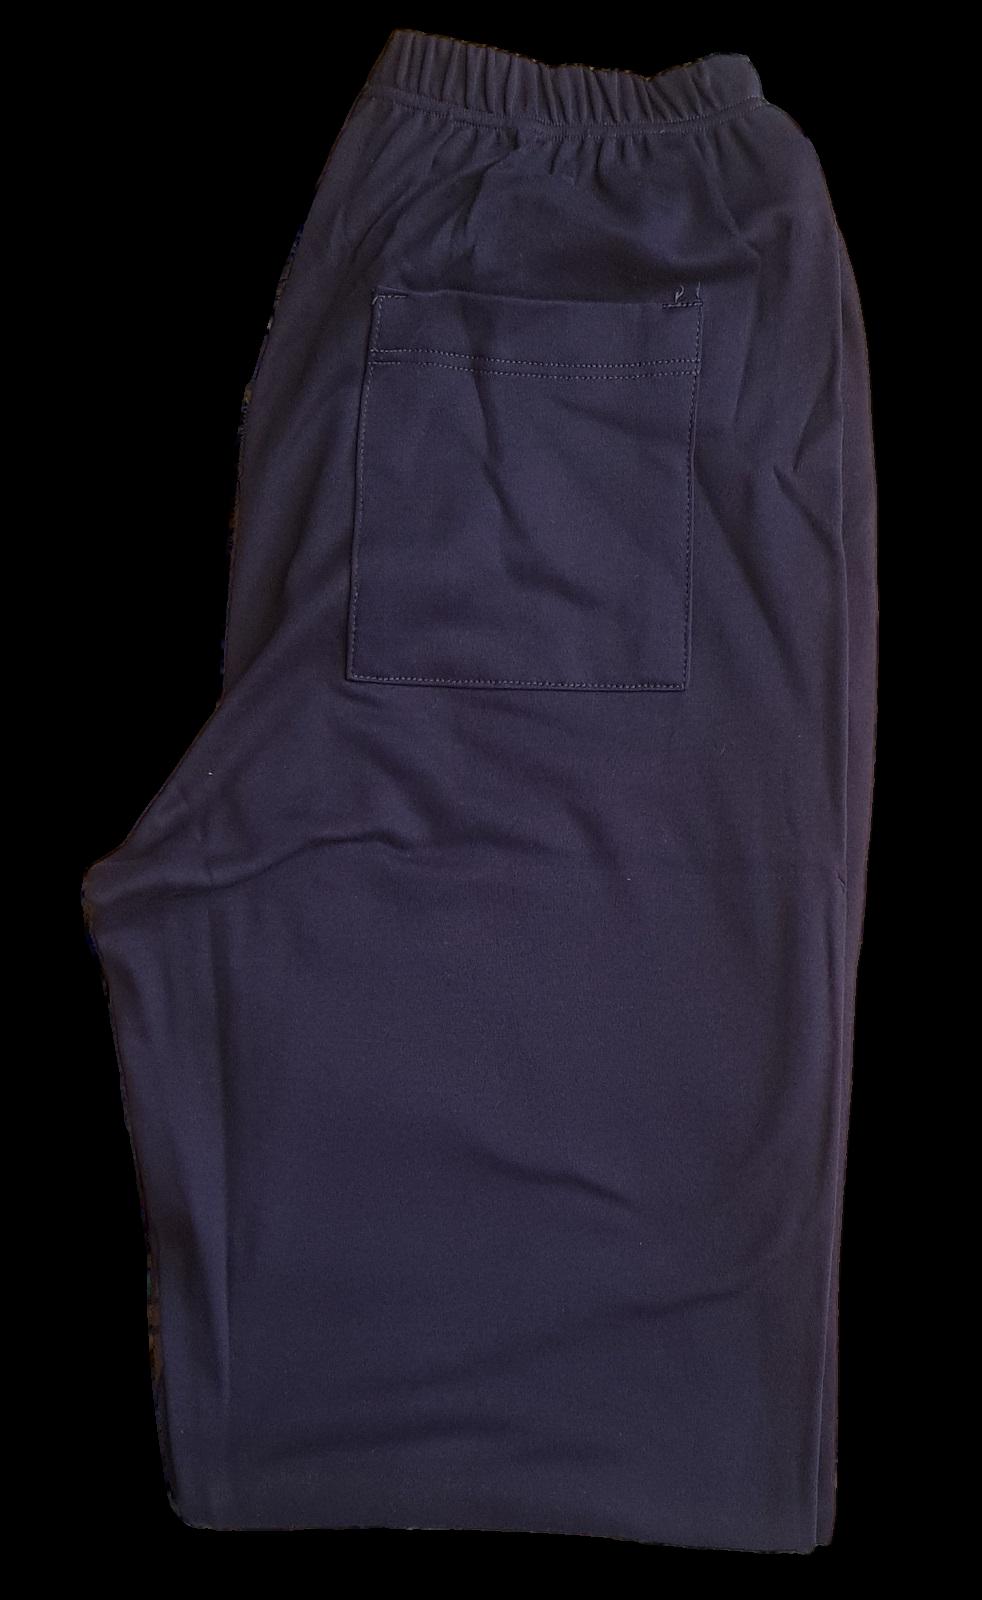 FERRUCCI. Pyjama Homme hivernal dans chaud Coton modèle 100%. modèle Coton Polo. 2218 e33ba7